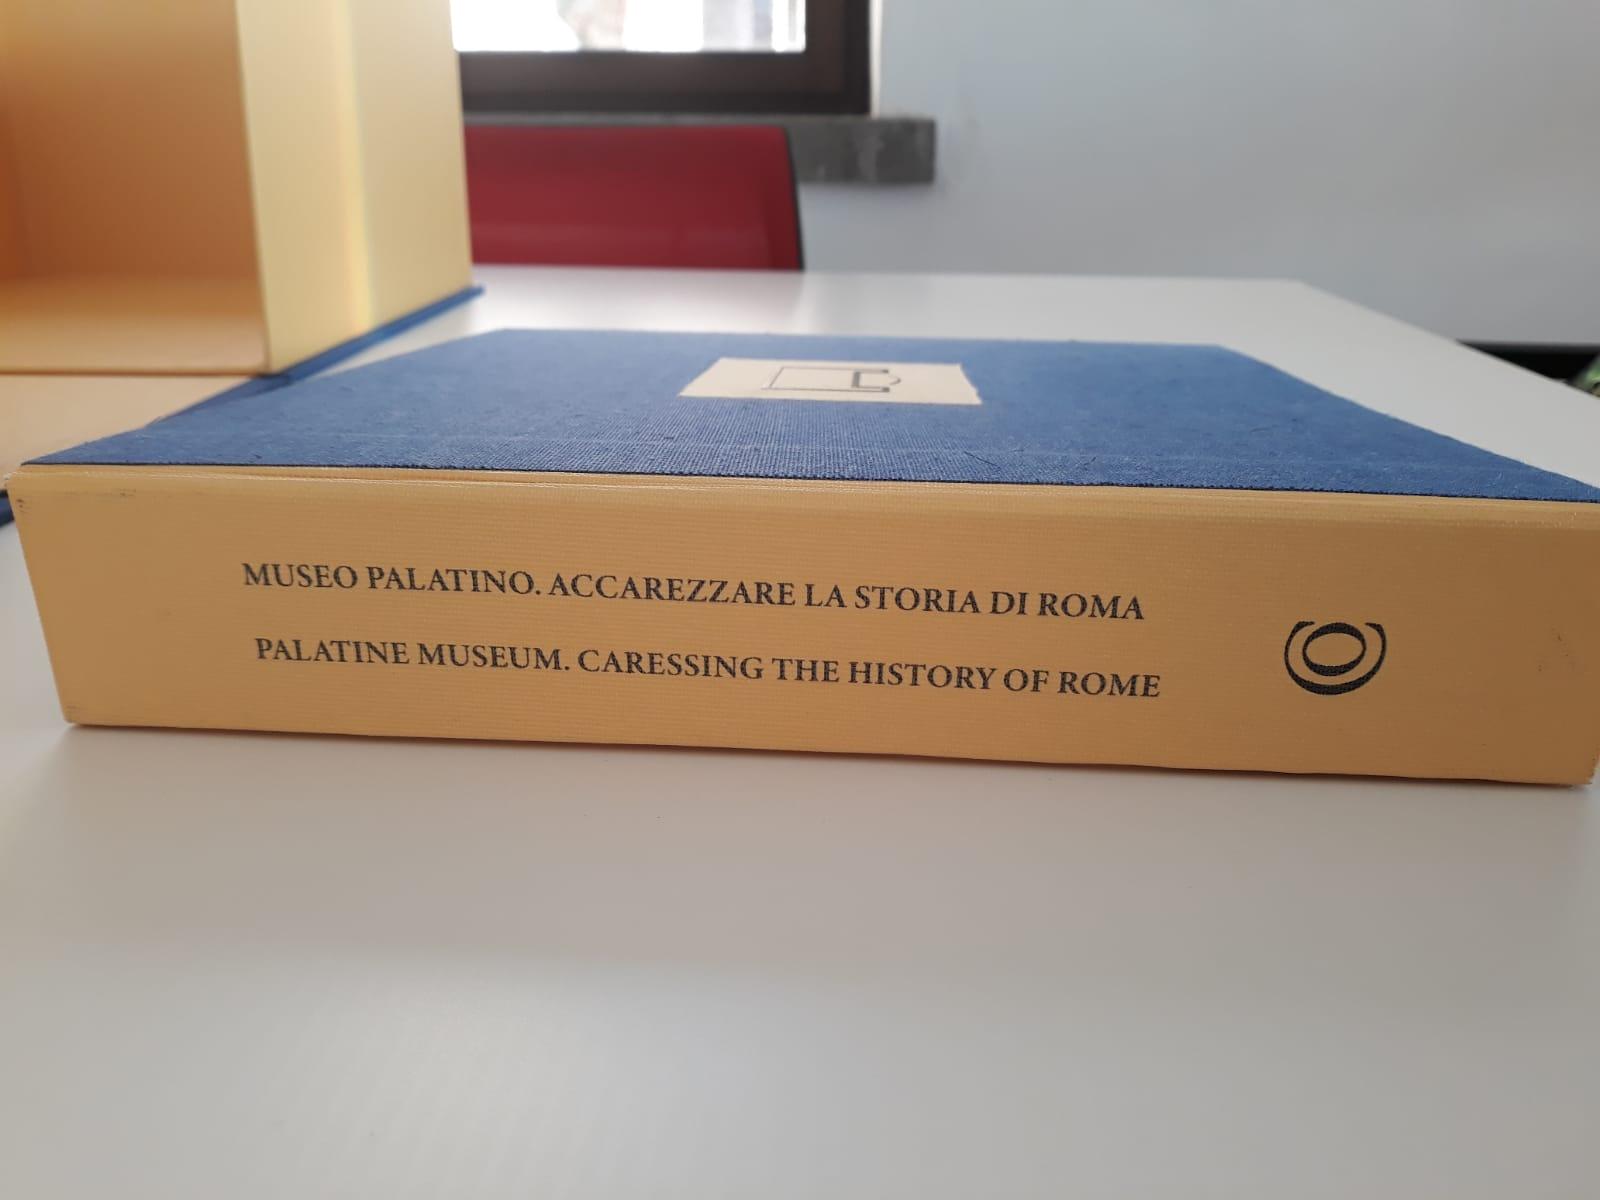 roma_PArCo_La-prima-Guida-Tattile-del-PArCo_Museo-Palatino.-Accarezzare-la-Storia-di-Roma_dorso-di-copertina_foto-PArCo